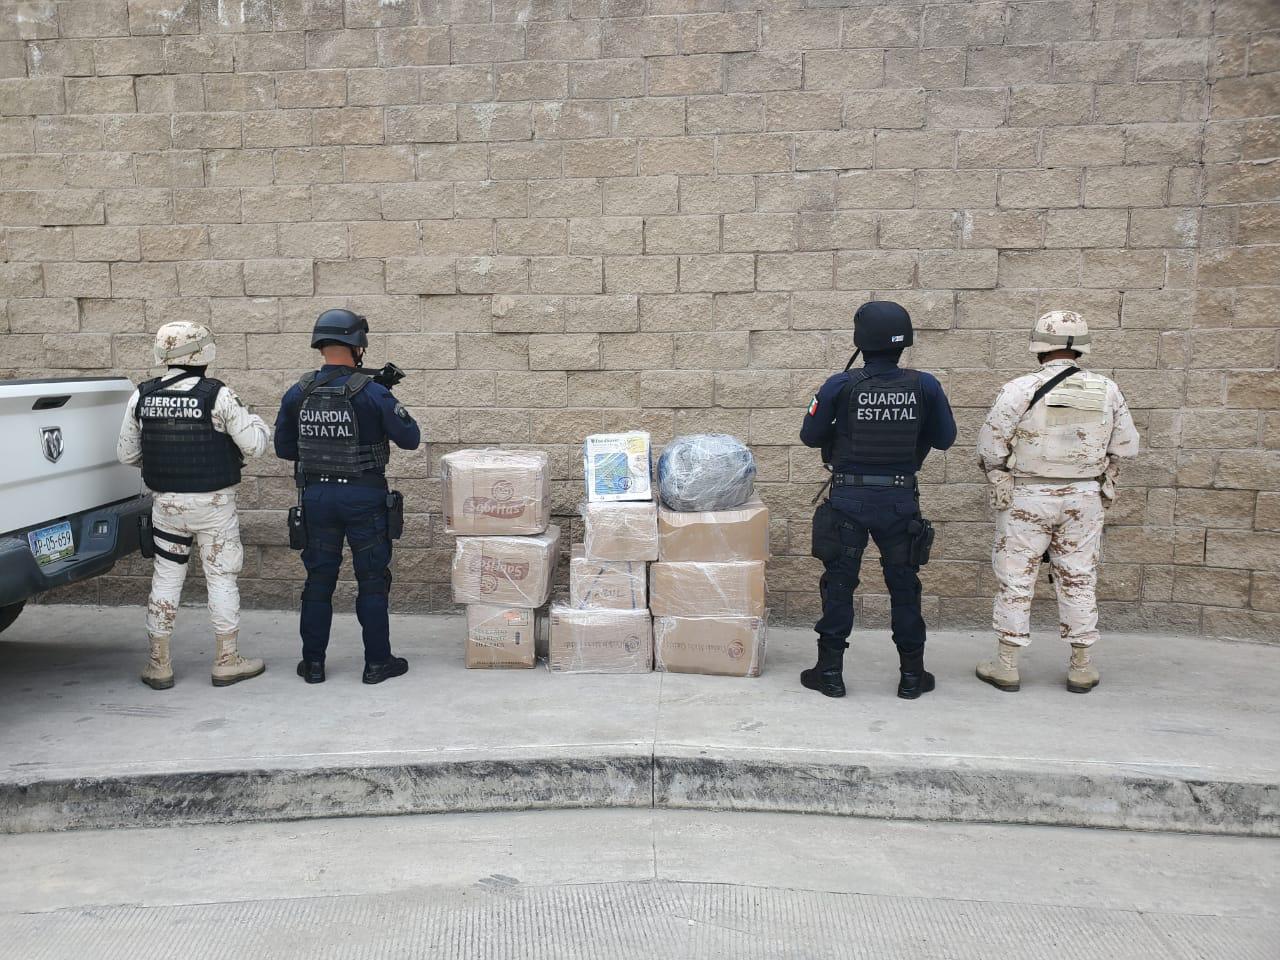 Asestan duro golpe al narcotráfico incautando más de 400 libras de metanfetamina